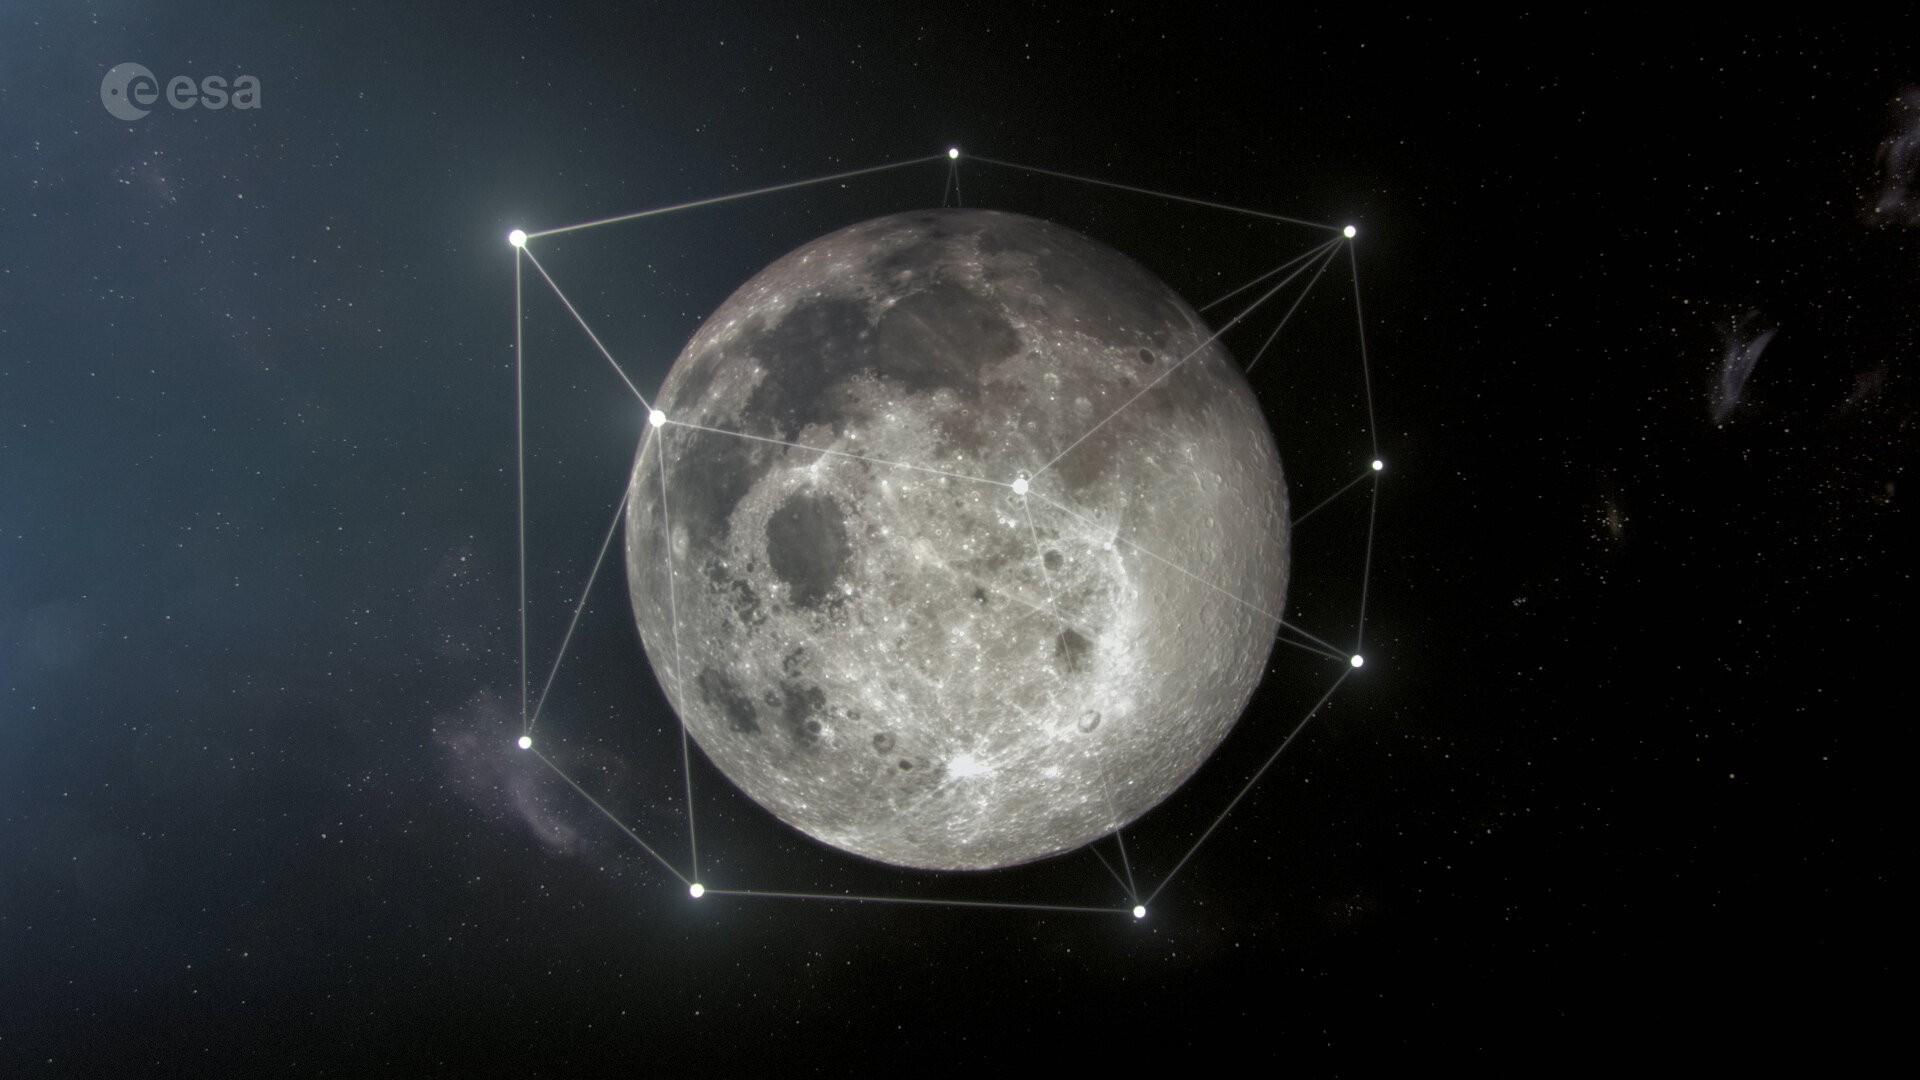 A Agência Espacial Europeia (ESA) planeja colocar satélites na Lua para ajudar em futuras missões lunares (Foto: ESA)